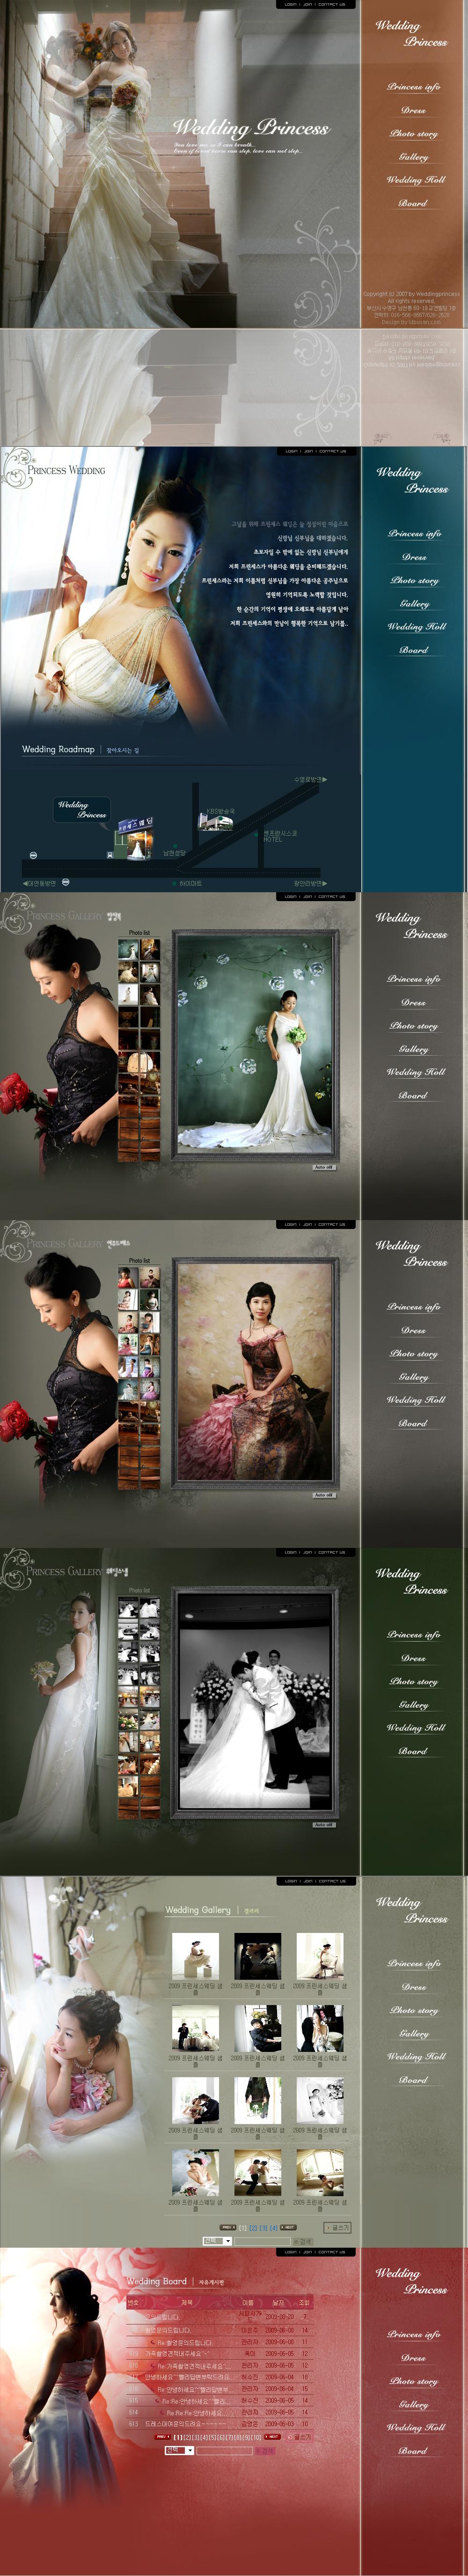 3667577704_JOKw1aDu_weddingprincess.jpg